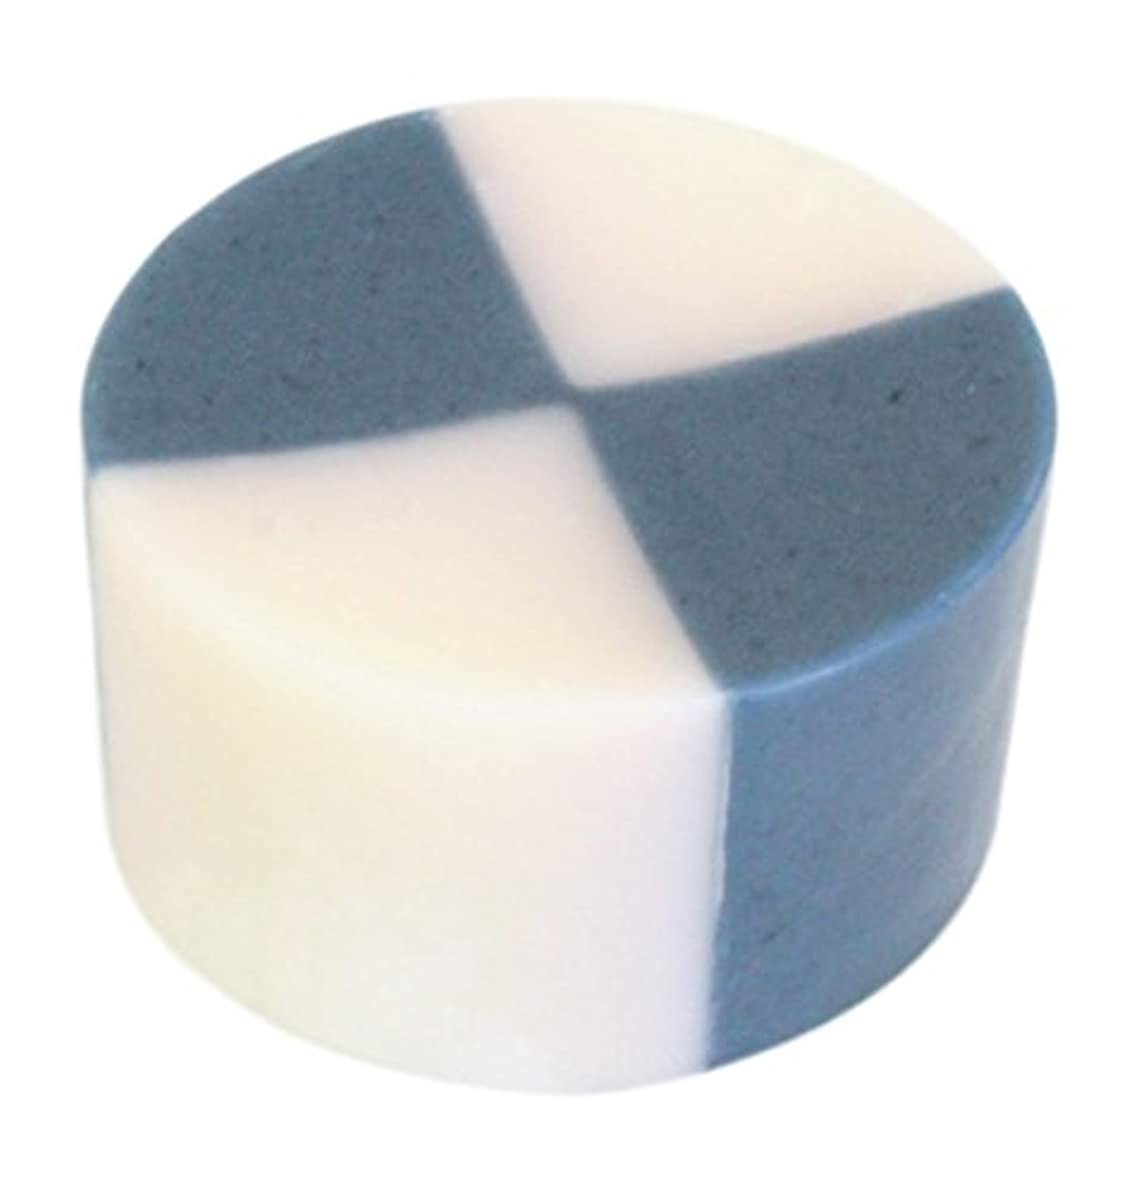 ポジションランダムレーニン主義藍色工房 藍染め石けん「いちまつ」(60g)